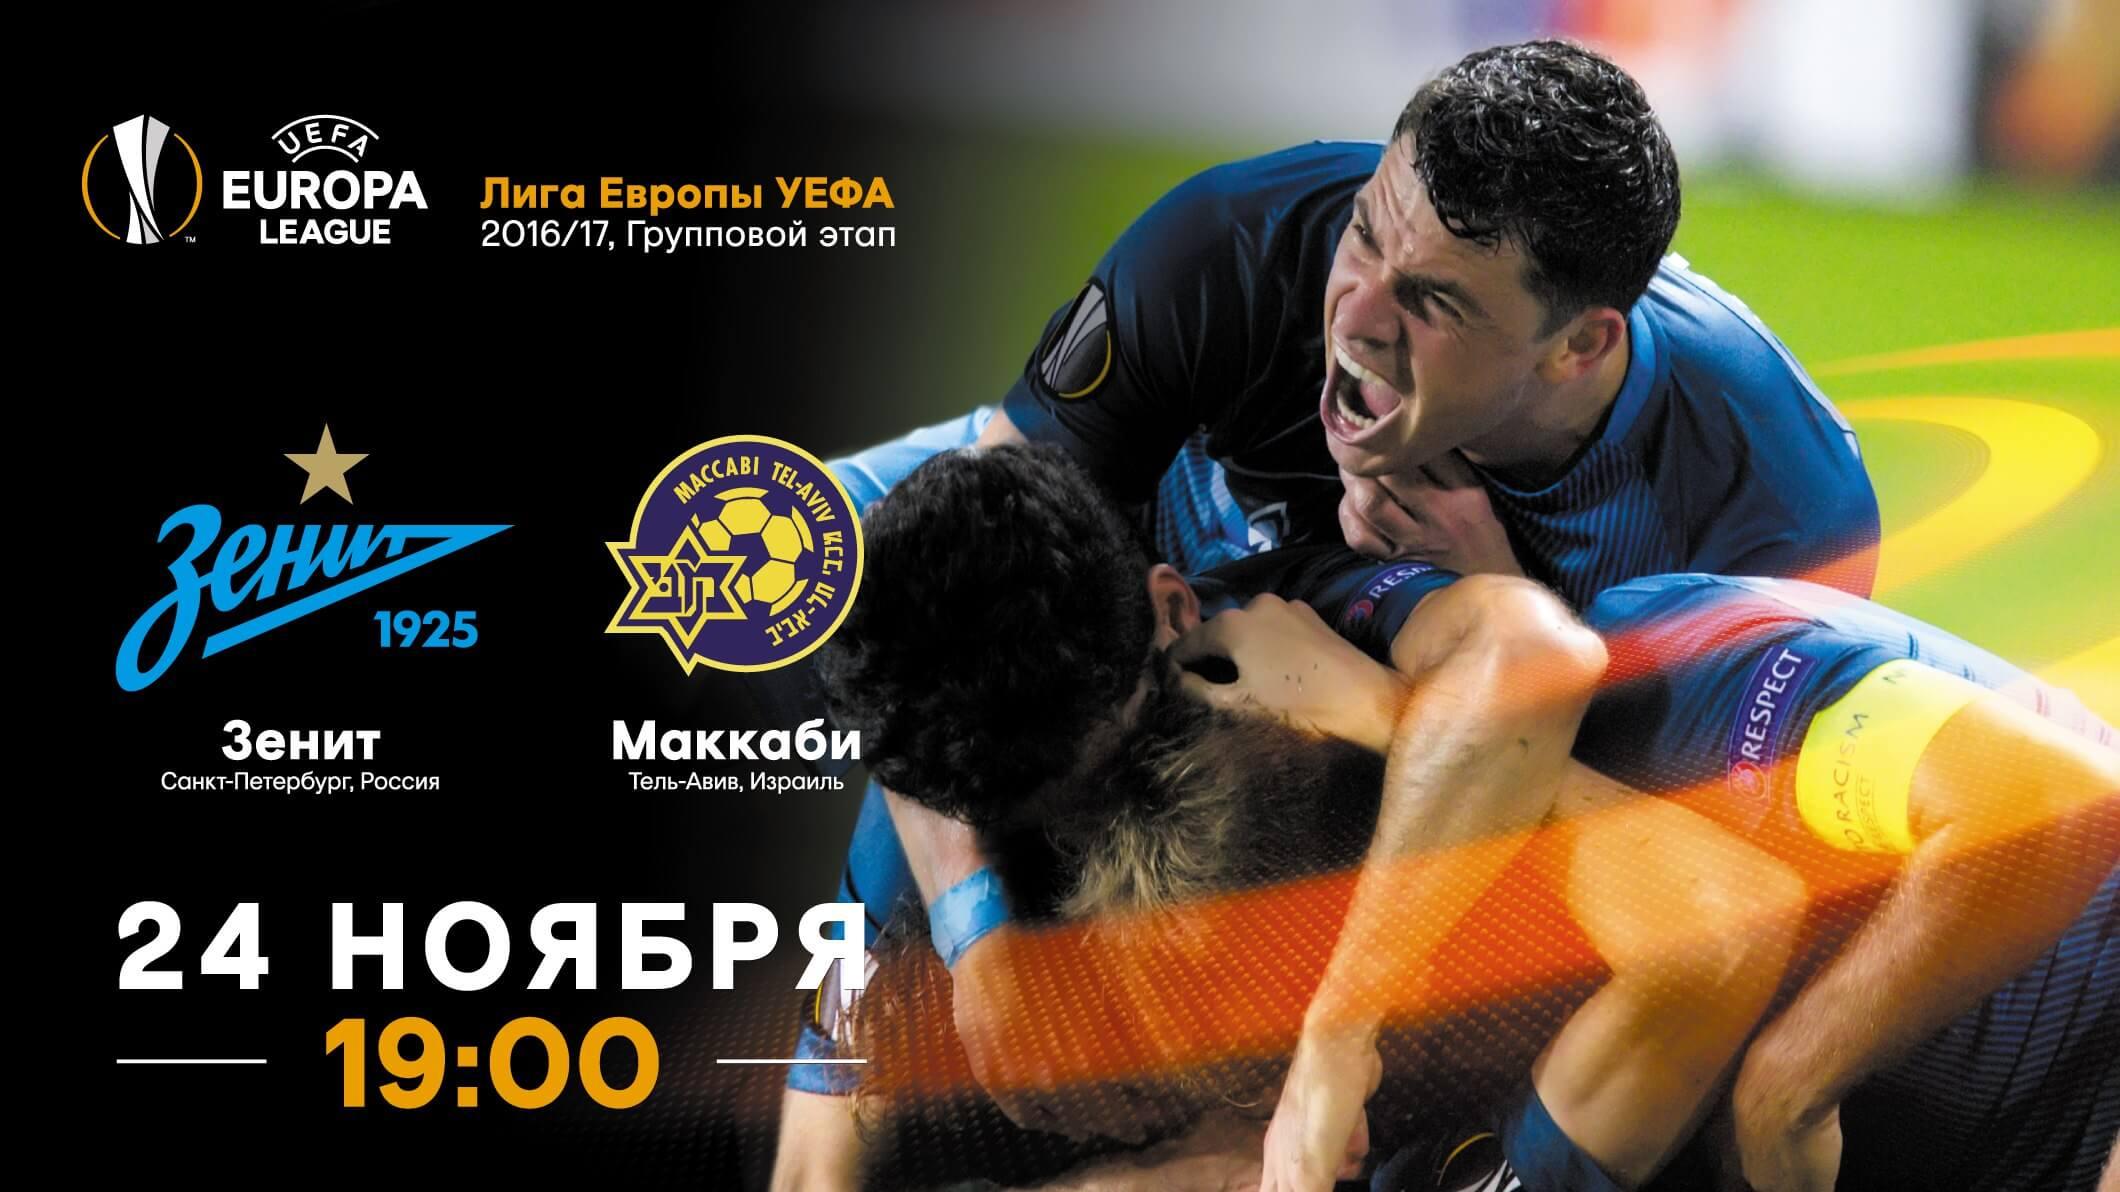 Прогноз на матч Зенит - Маккаби Тель-Авив